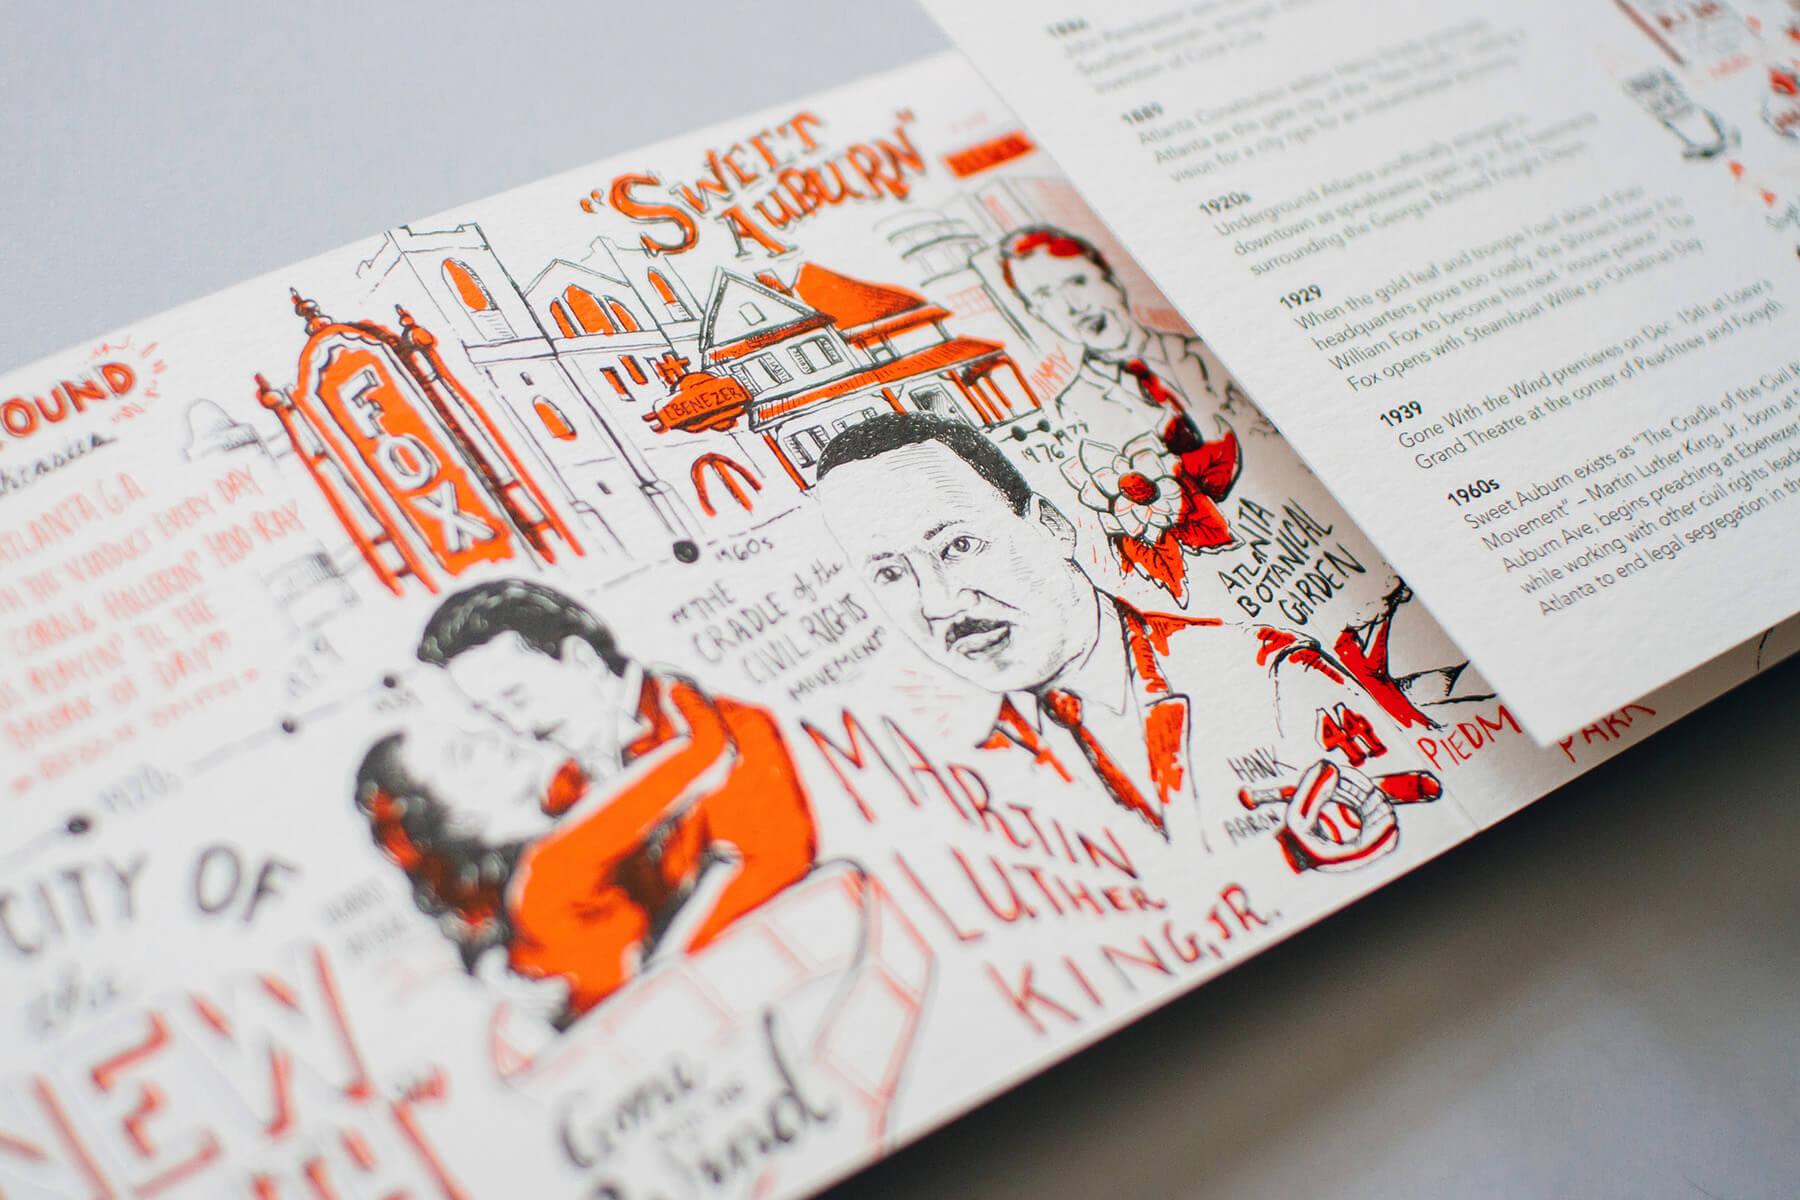 atlanta-illustrated-history-02.jpeg